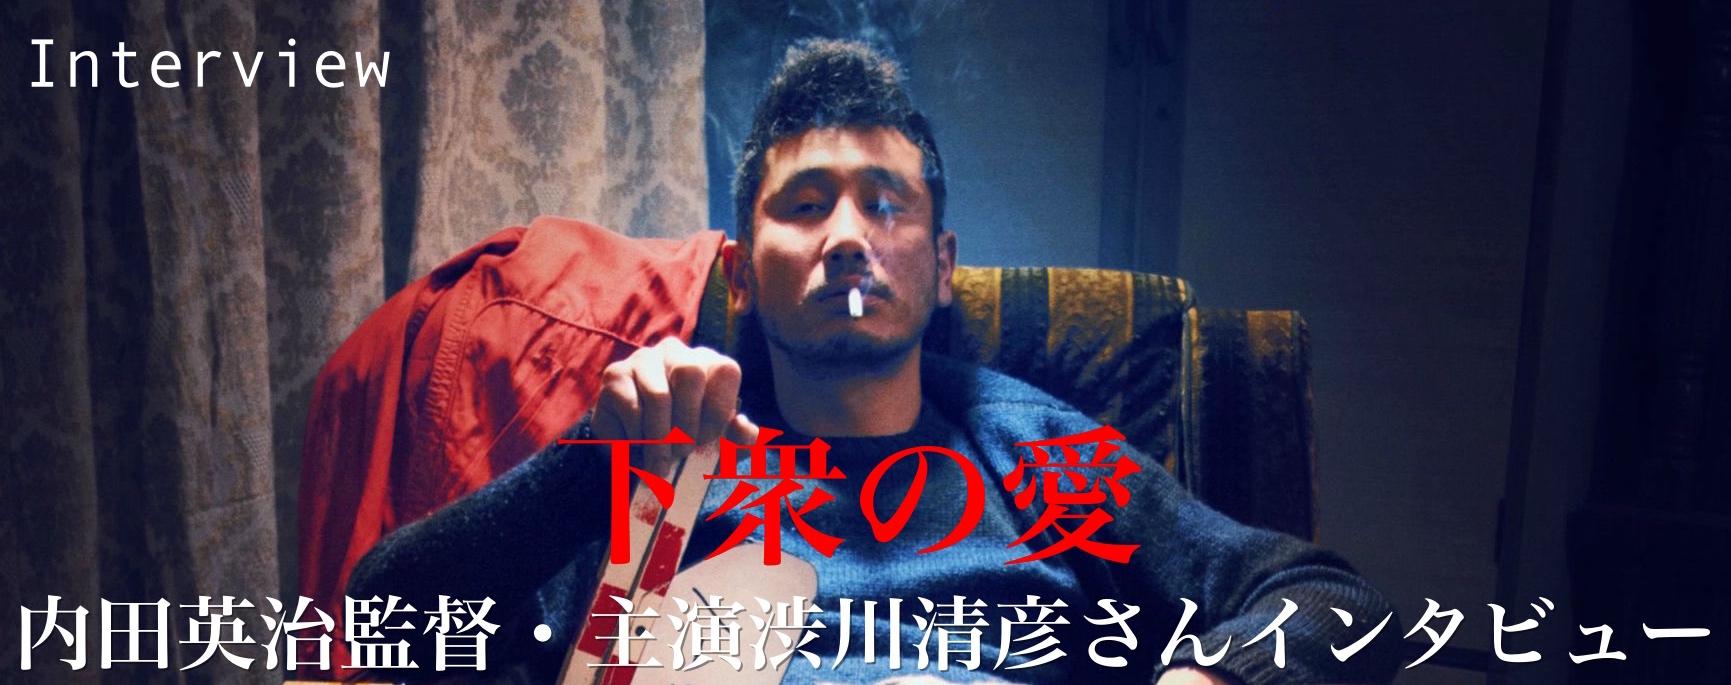 『下衆の愛』内田英治監督・主演渋川清彦さんインタビュー